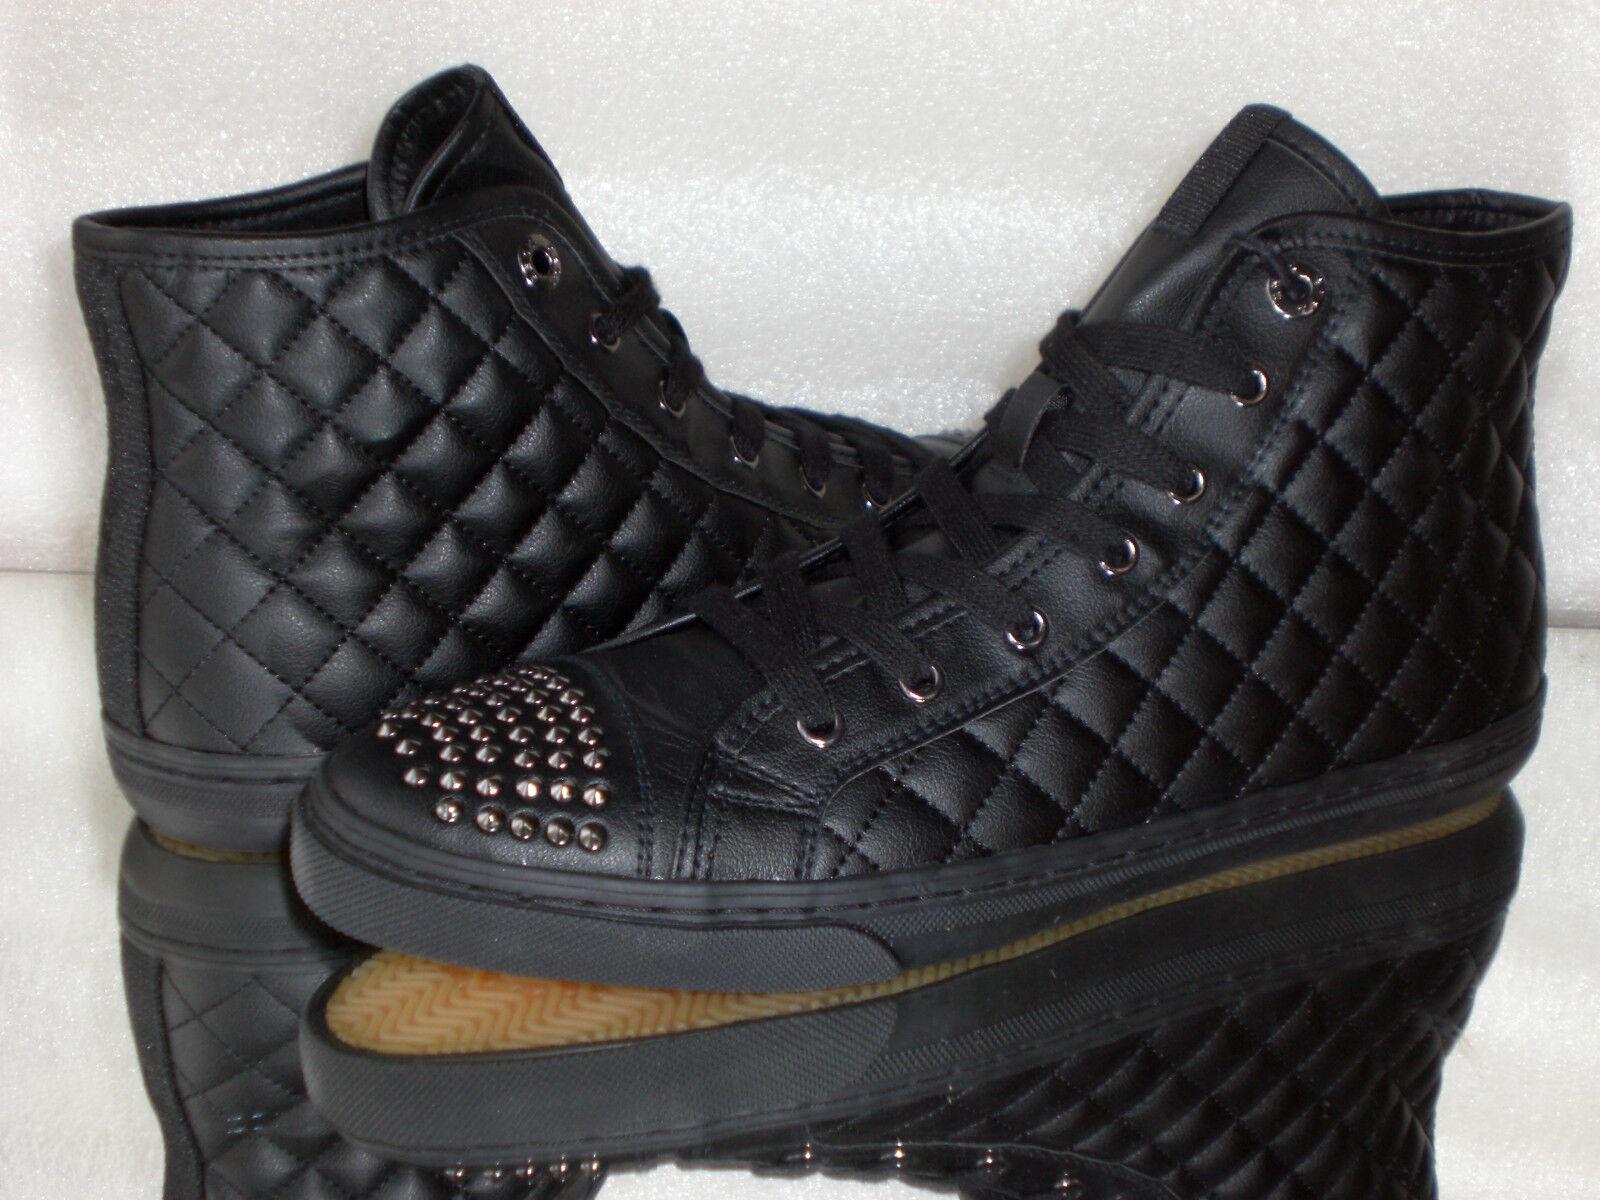 Señora higt-Top zapatillas GEOX respira Synt. leat Black c9999 talla: 35-41 nuevo